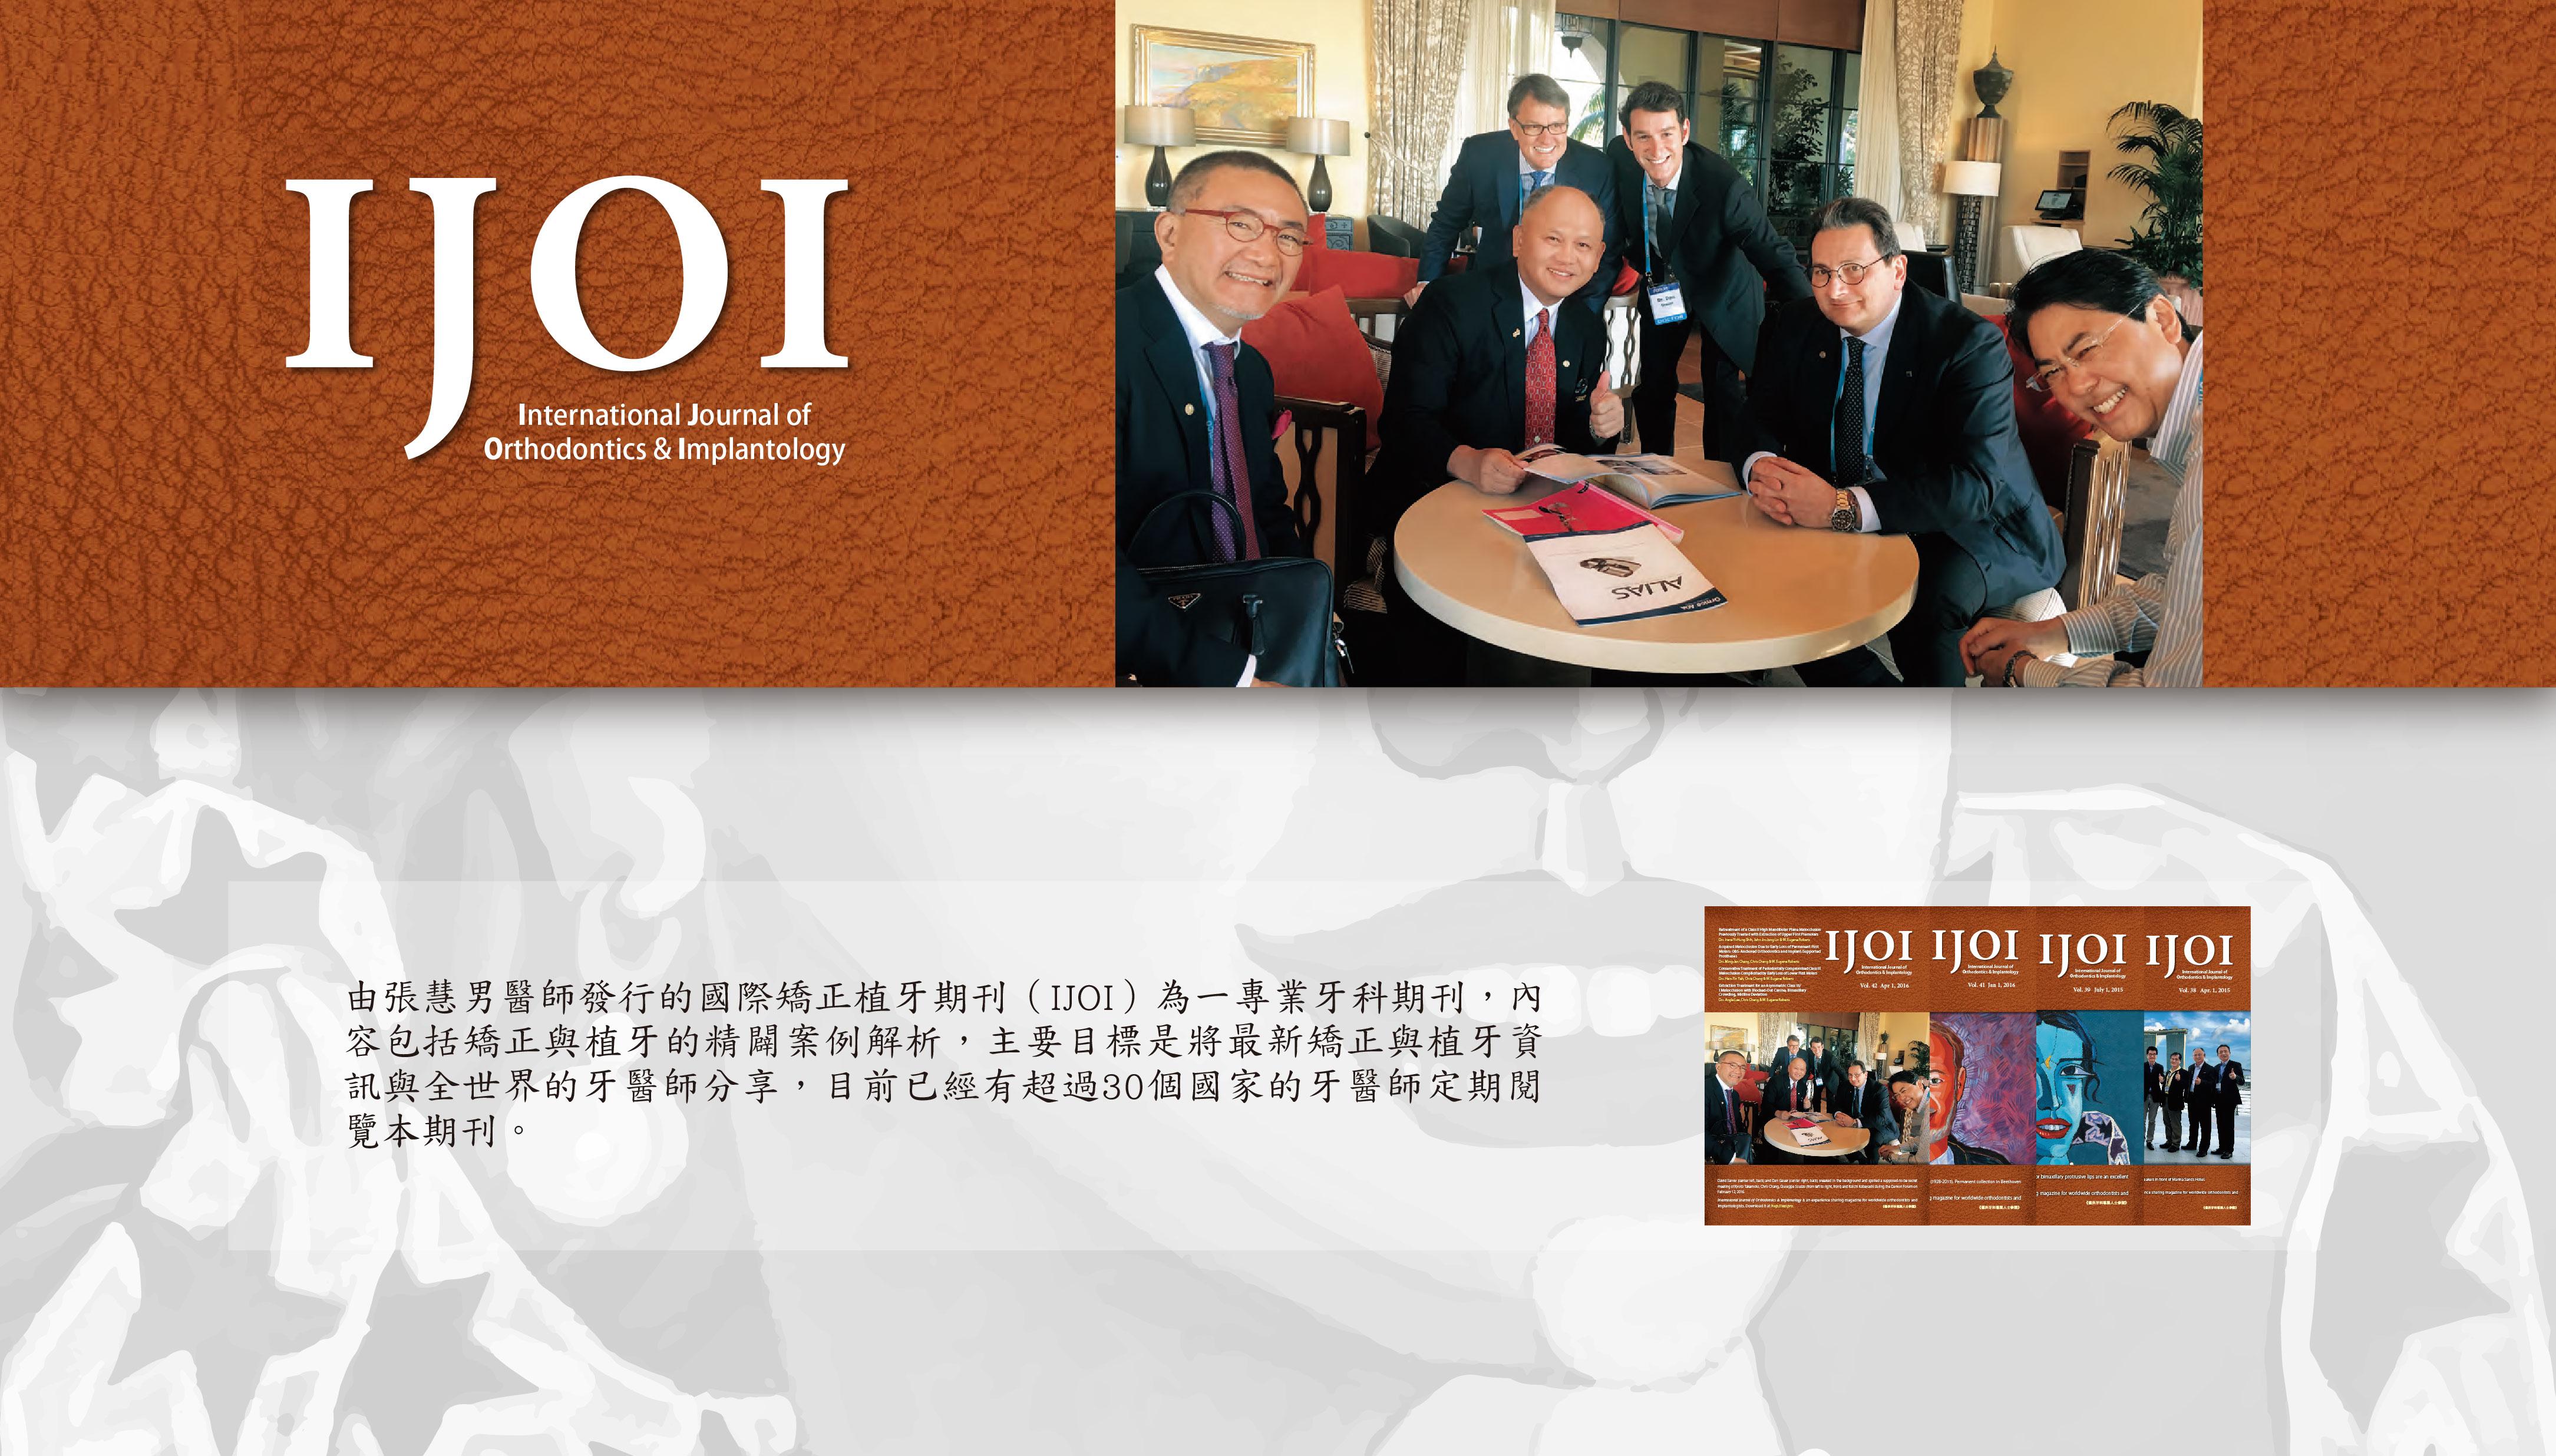 國際矯正植牙期刊 IJOI